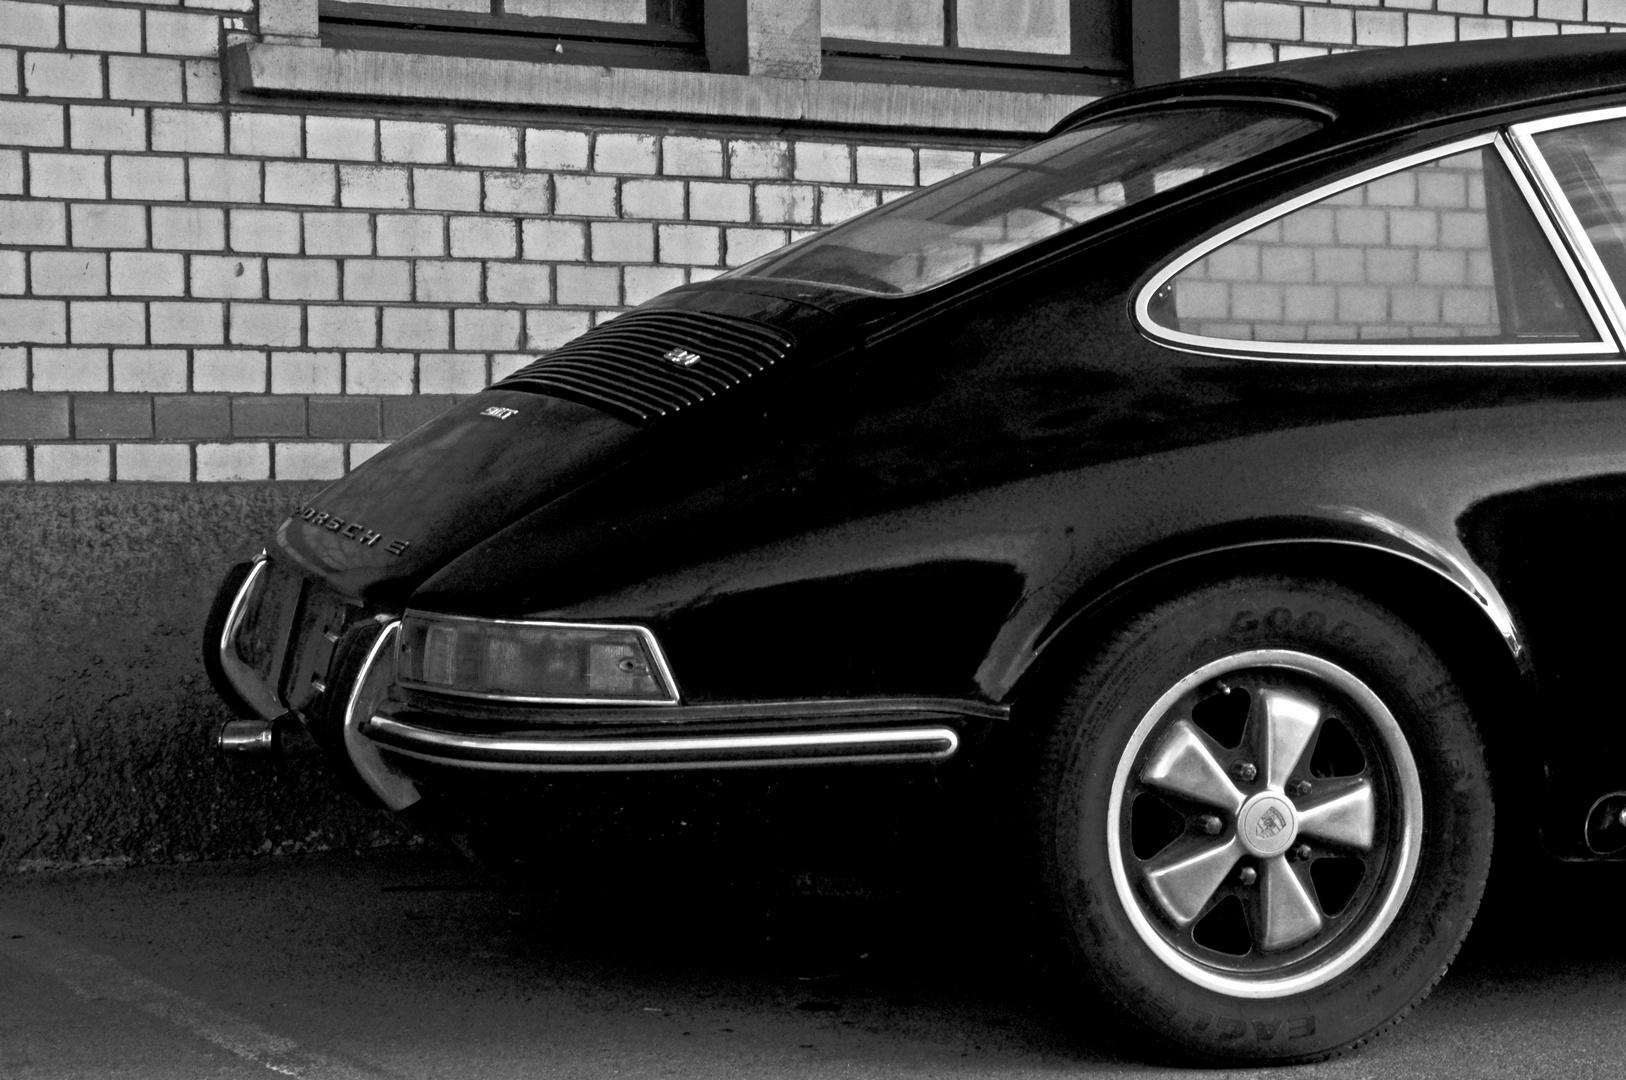 porsche 911 f modell foto bild autos zweir der. Black Bedroom Furniture Sets. Home Design Ideas